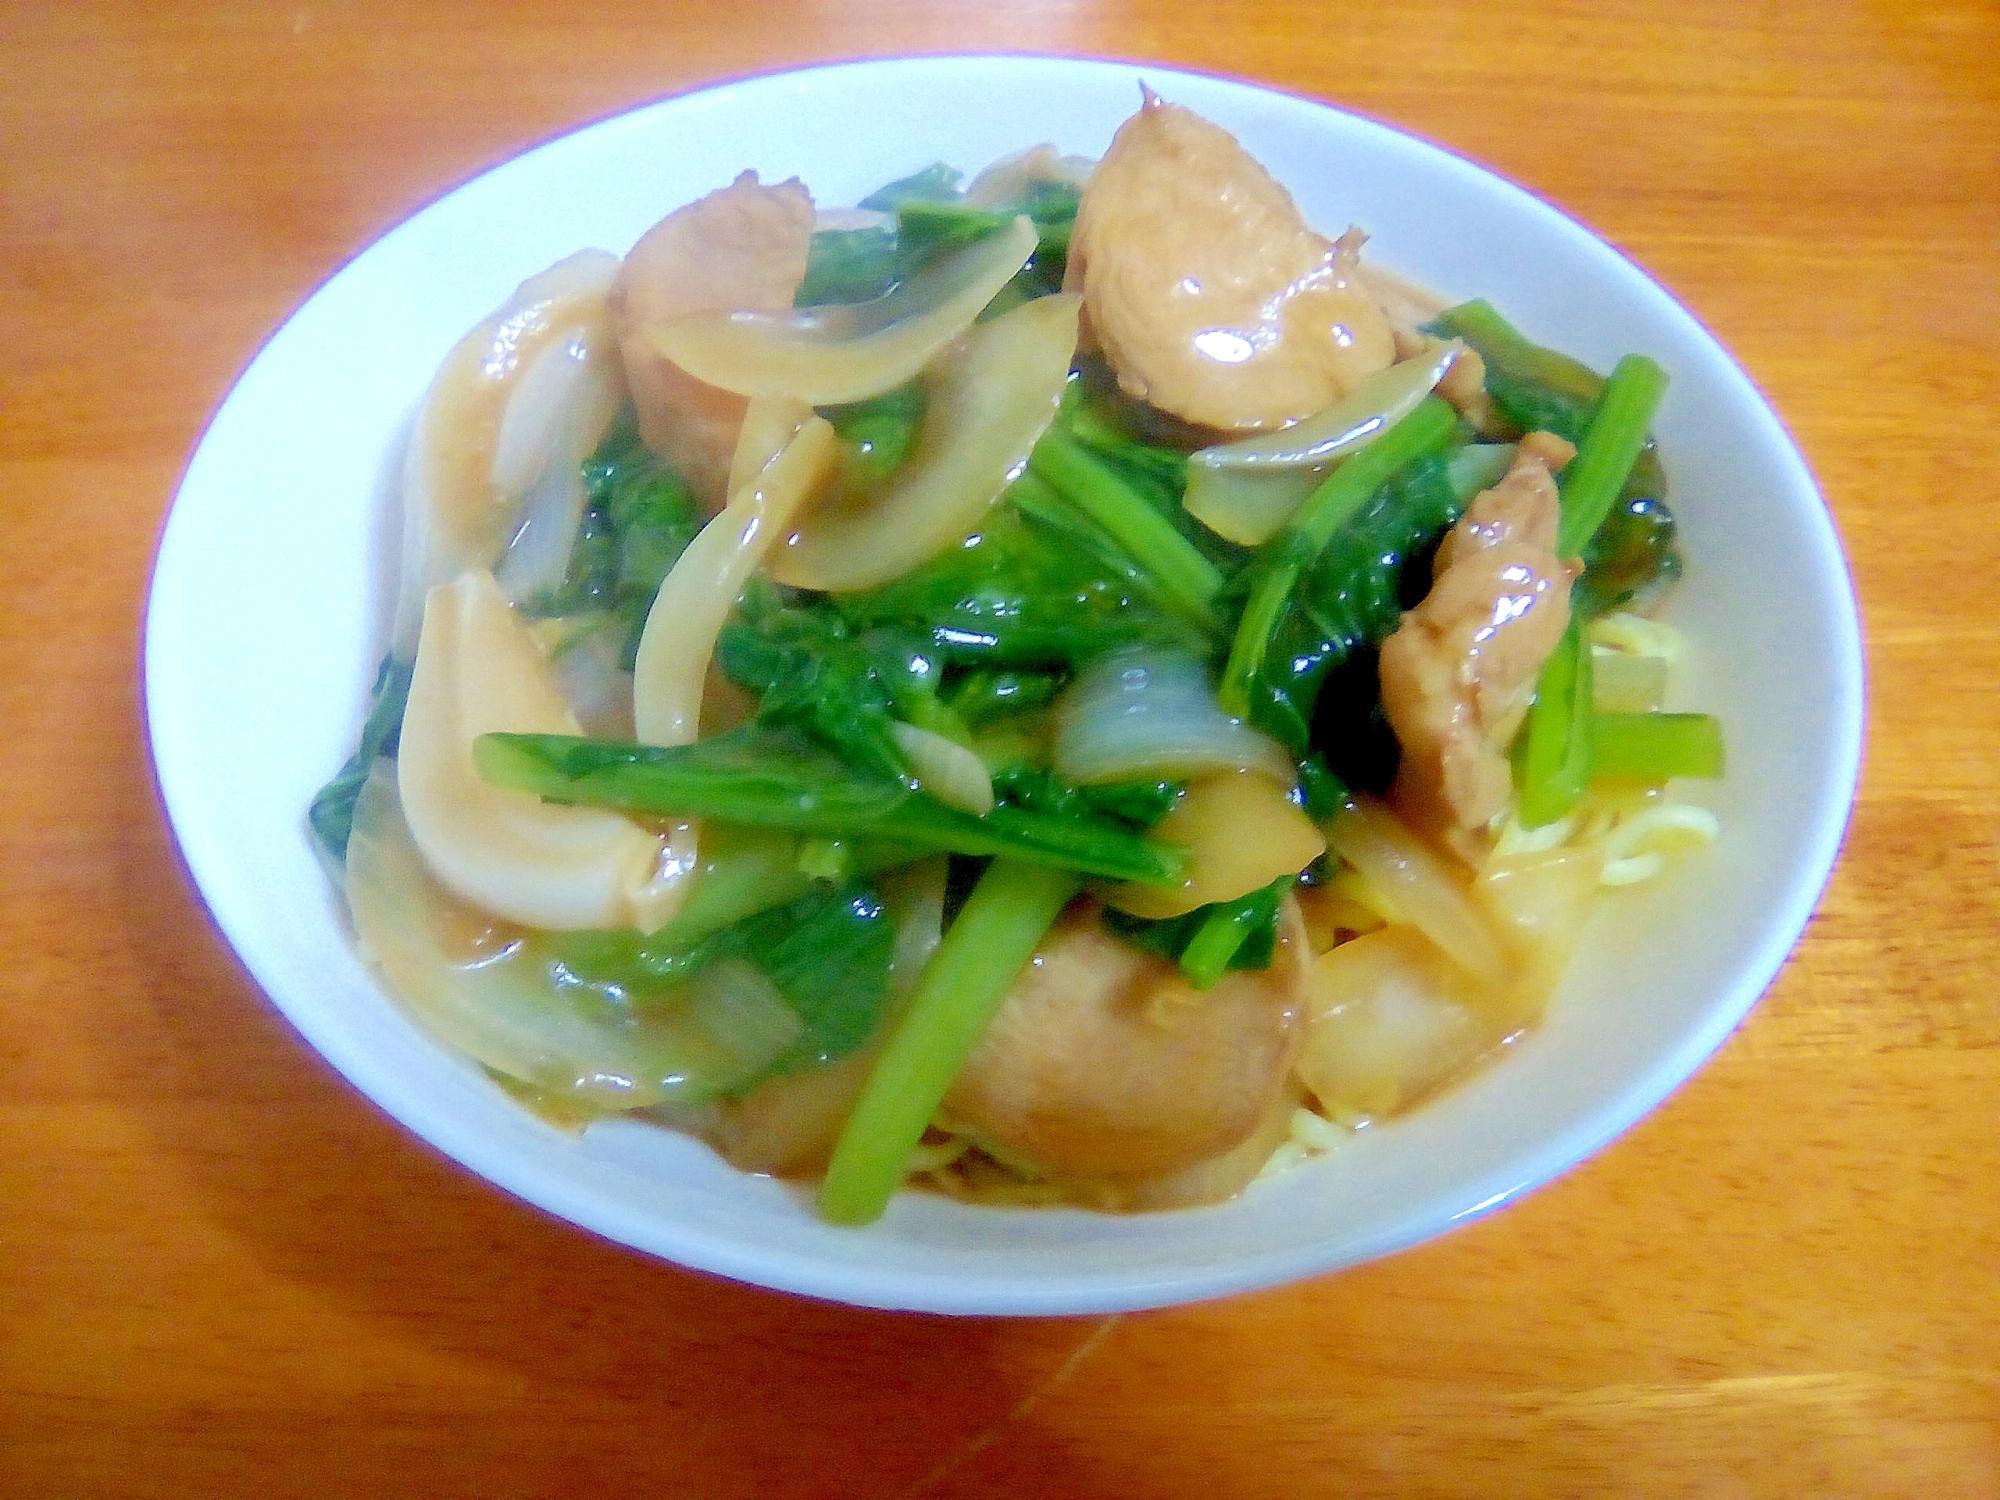 鶏ハムと小松菜のあんかけ焼きそば